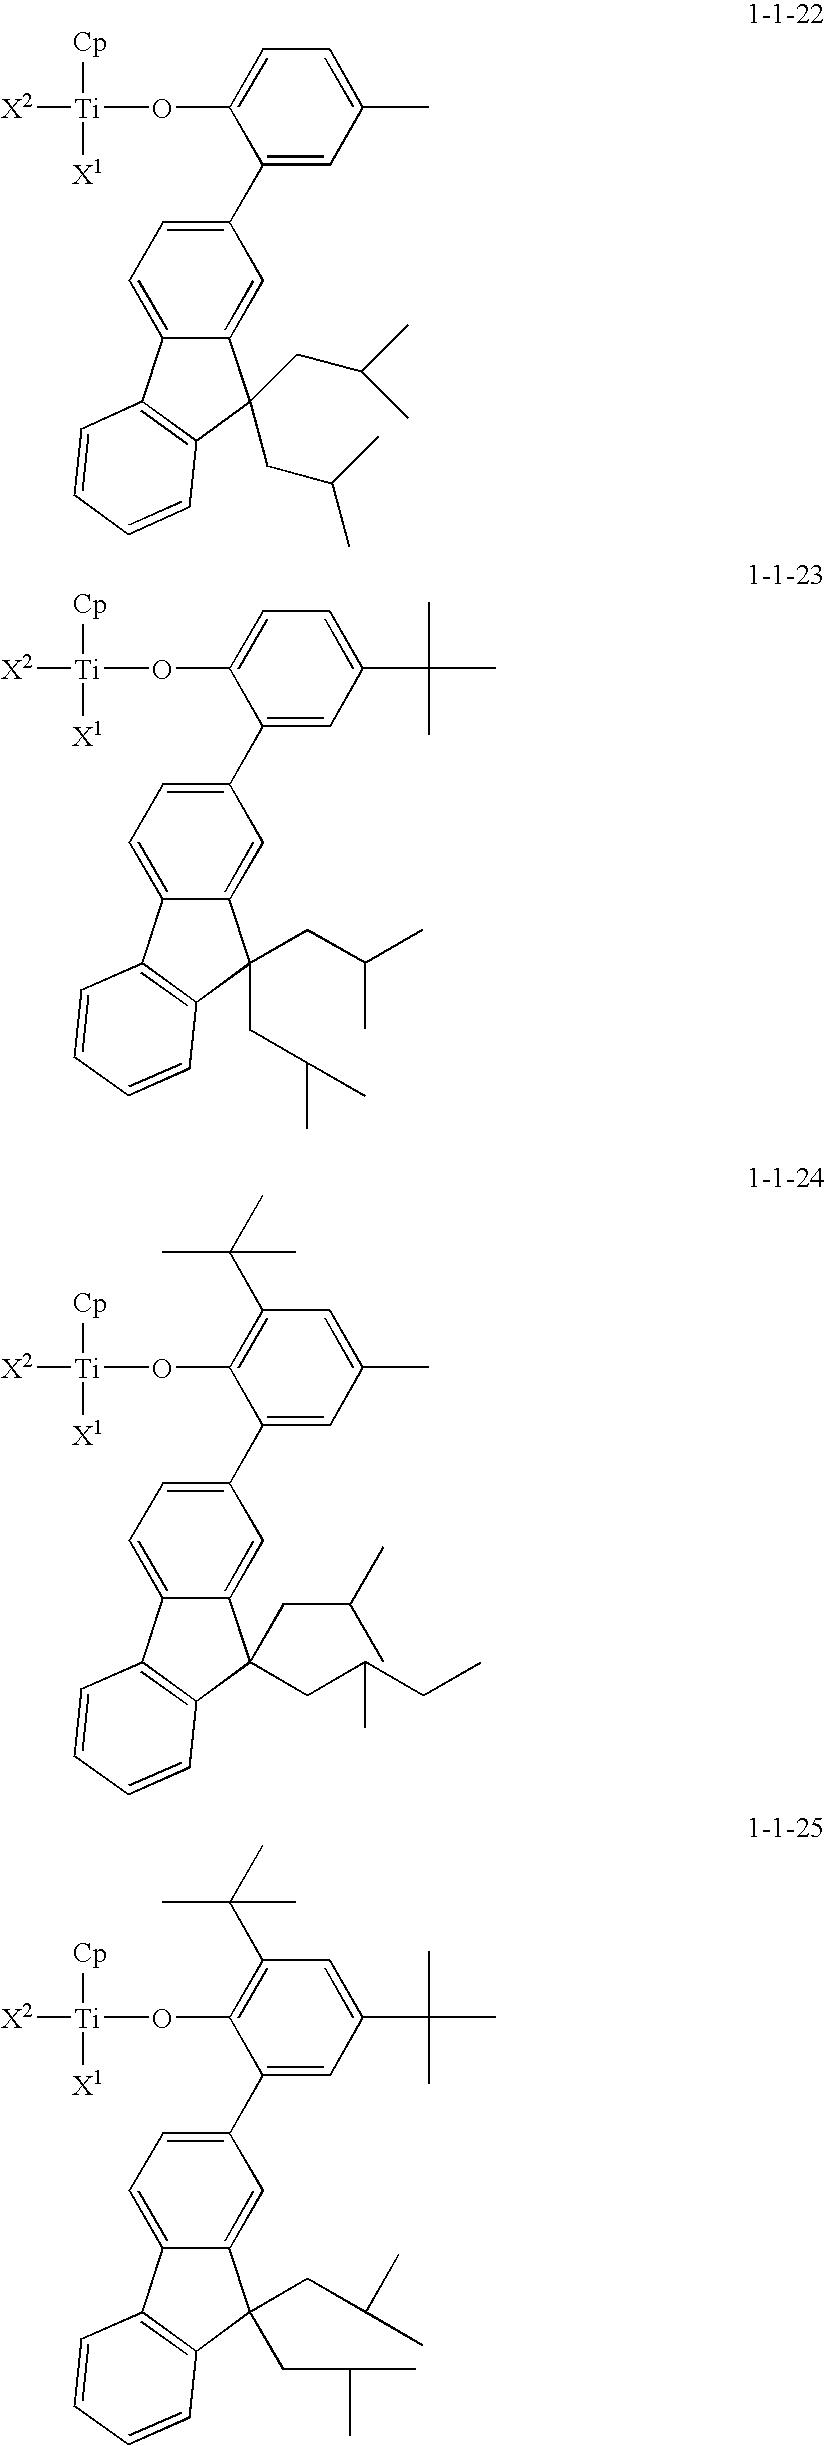 Figure US20100081776A1-20100401-C00031